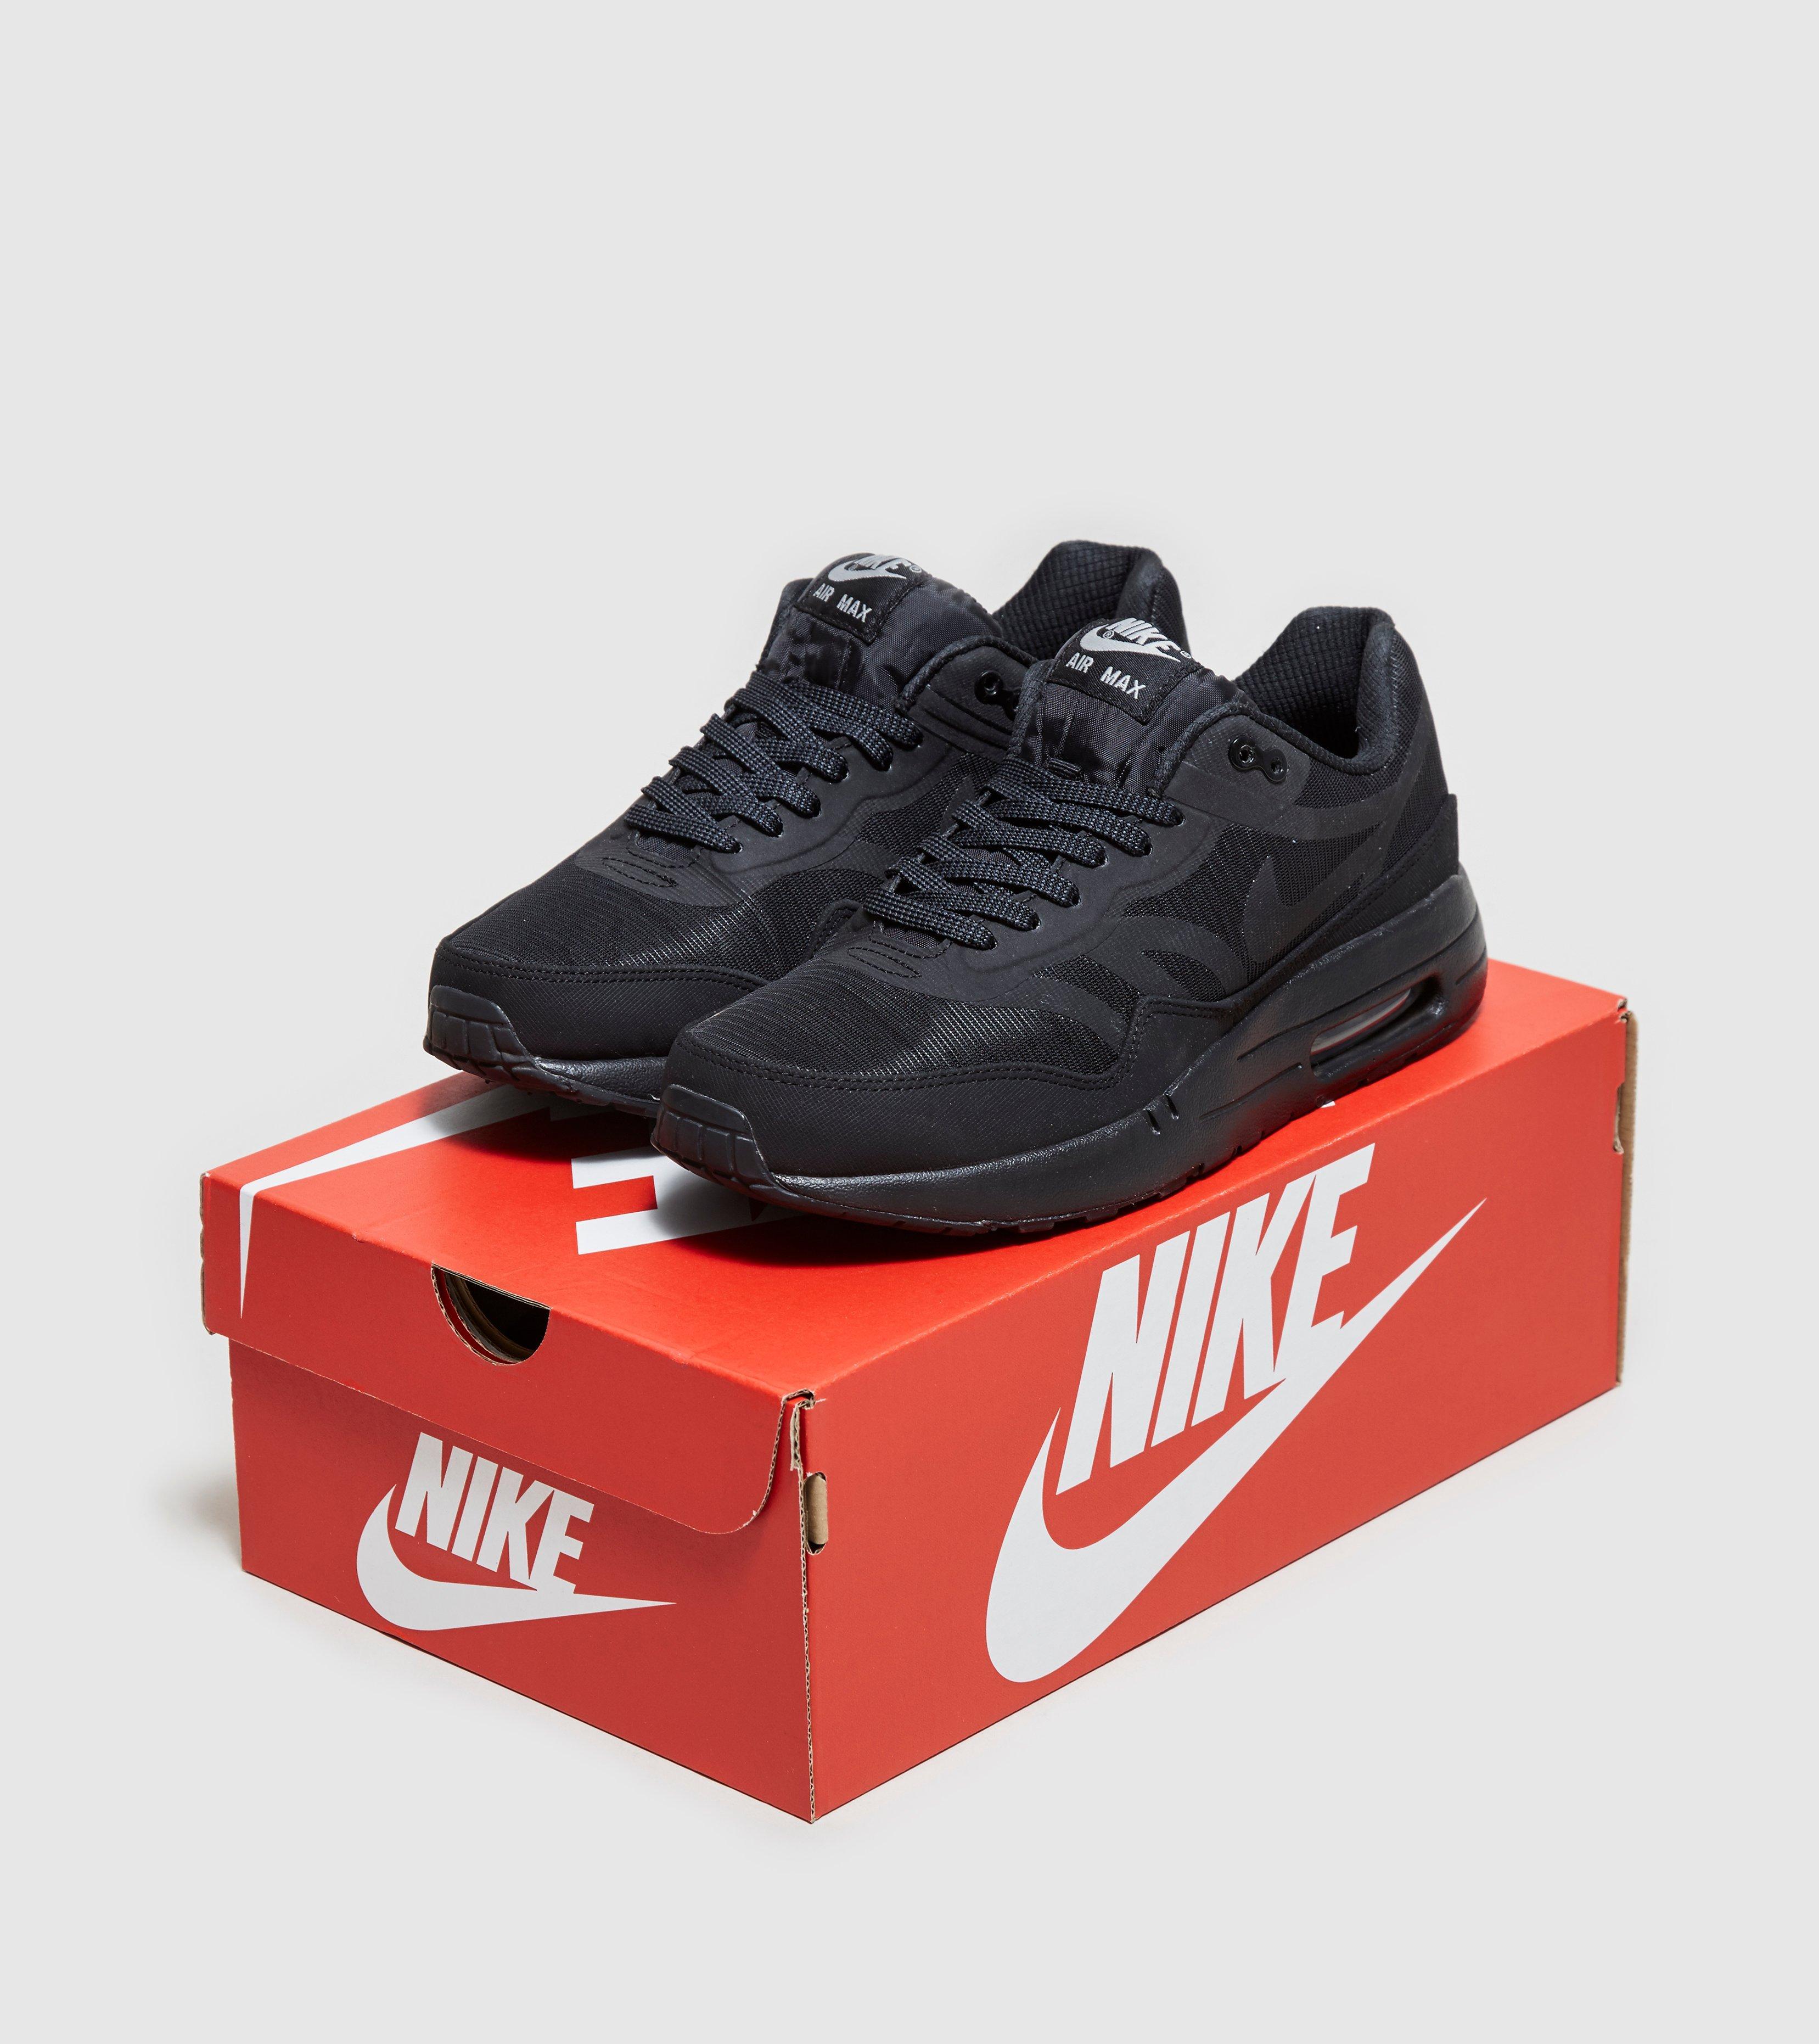 Nike Air Max 1 PRM Tape Camo Pack Petra Brown Atomic Red